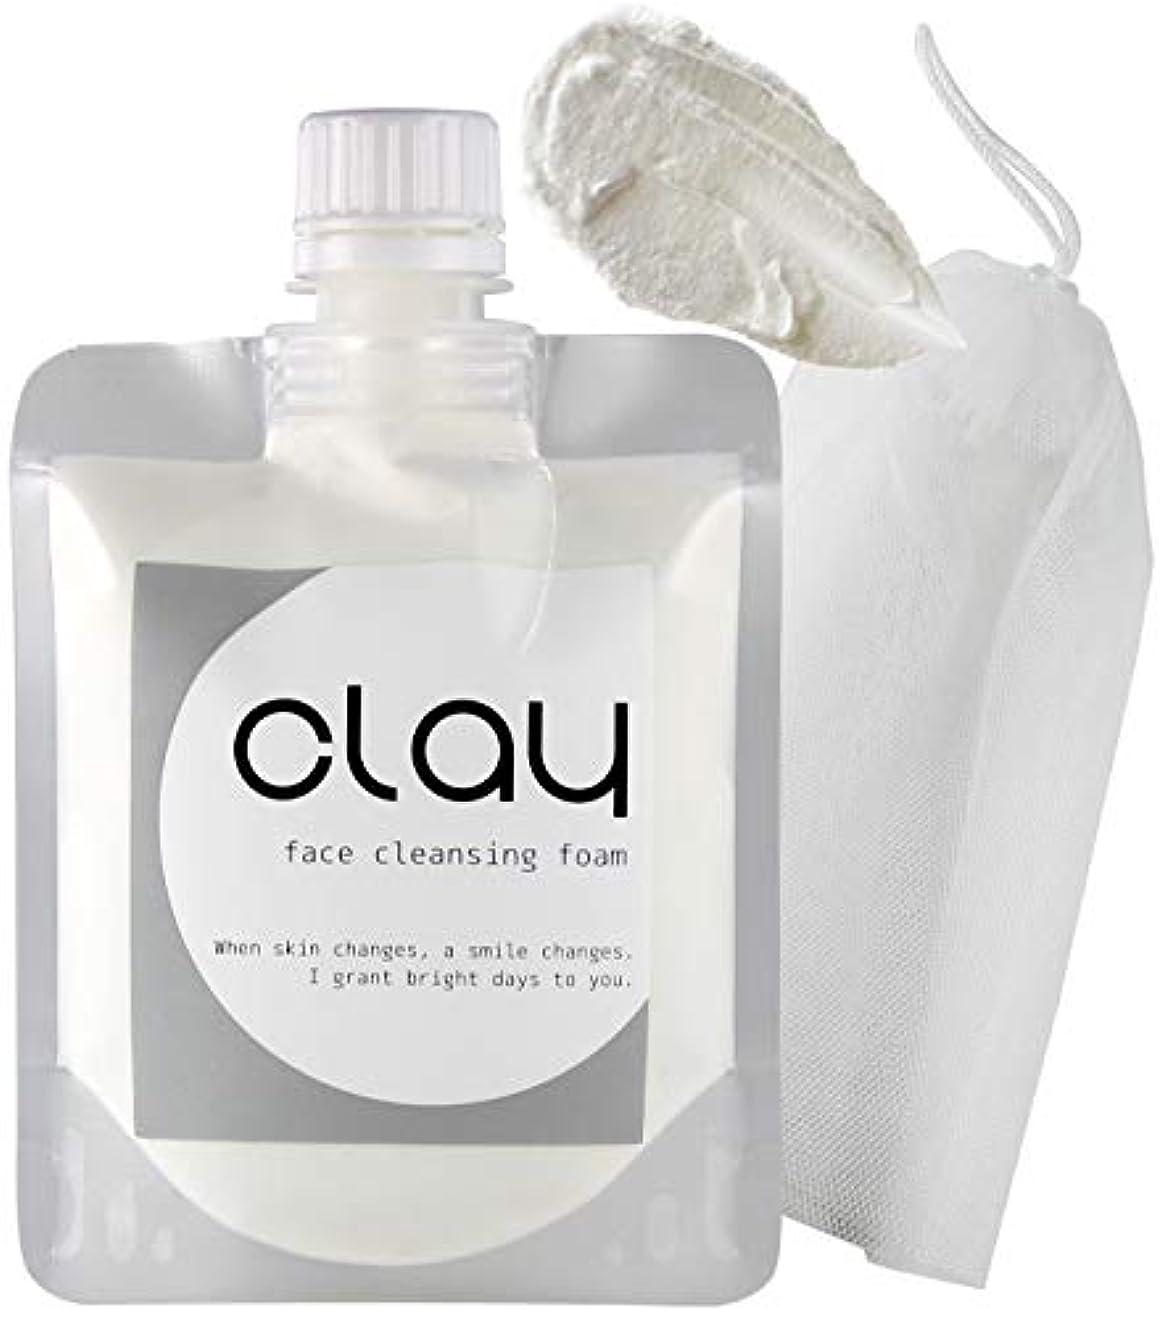 感謝する持参シャイSTAR'S クレイ 泥 洗顔 オーガニック 【 毛穴 黒ずみ 開き ザラ付き 用】「 泡 ネット 付き」 40種類の植物エキス 16種類の美容成分 9つの無添加 透明感 柔肌 130g (Clay)